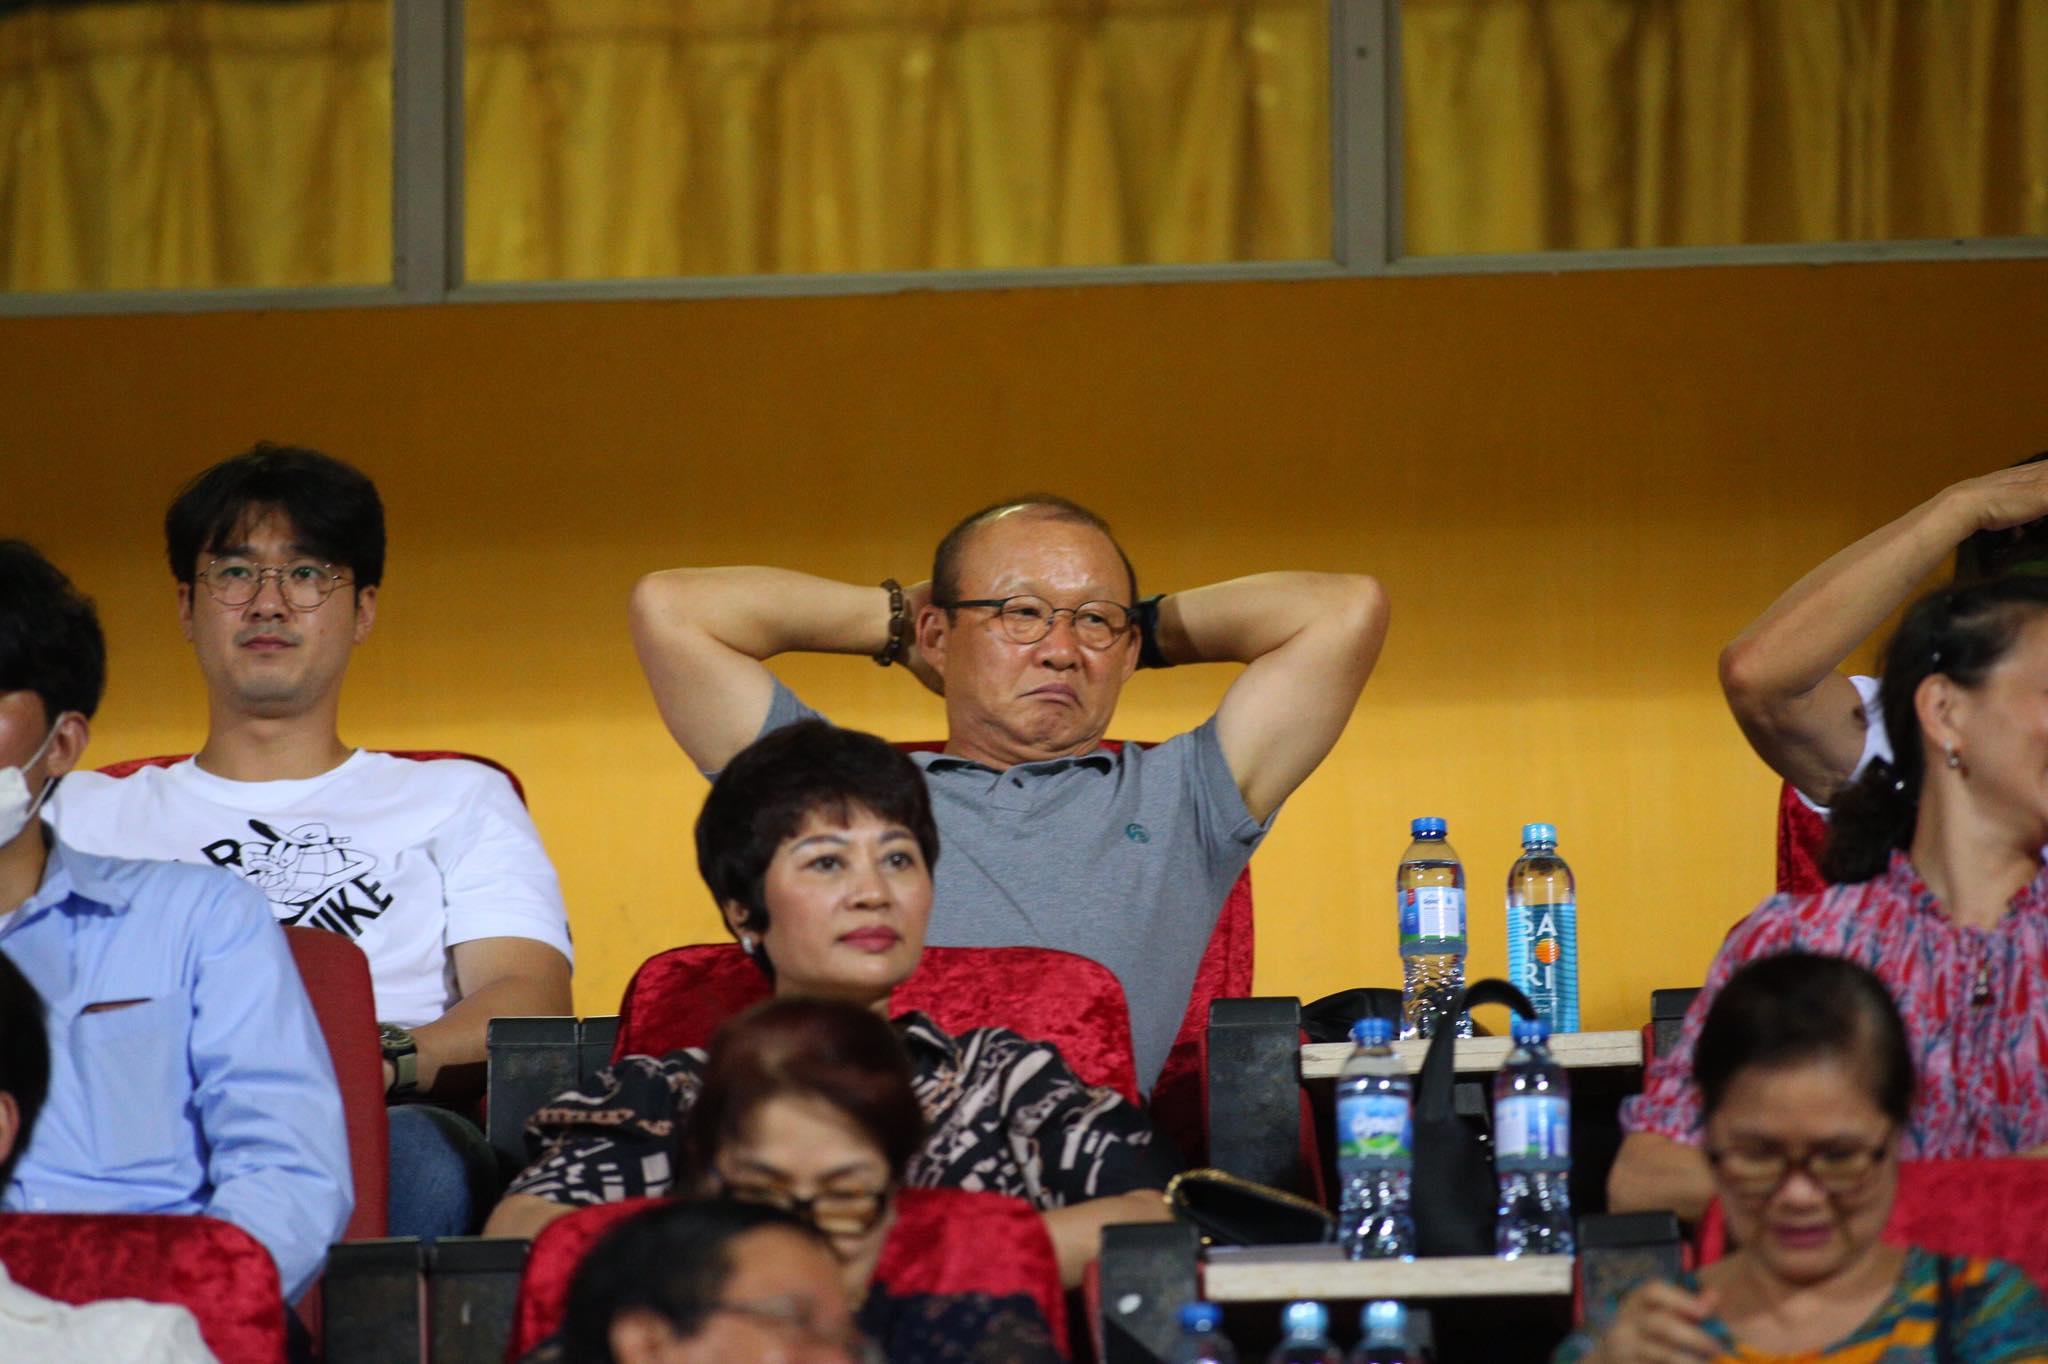 HLV Park Hang Seo có mặt dự khán trận đấu - Ảnh: Phan Tùng